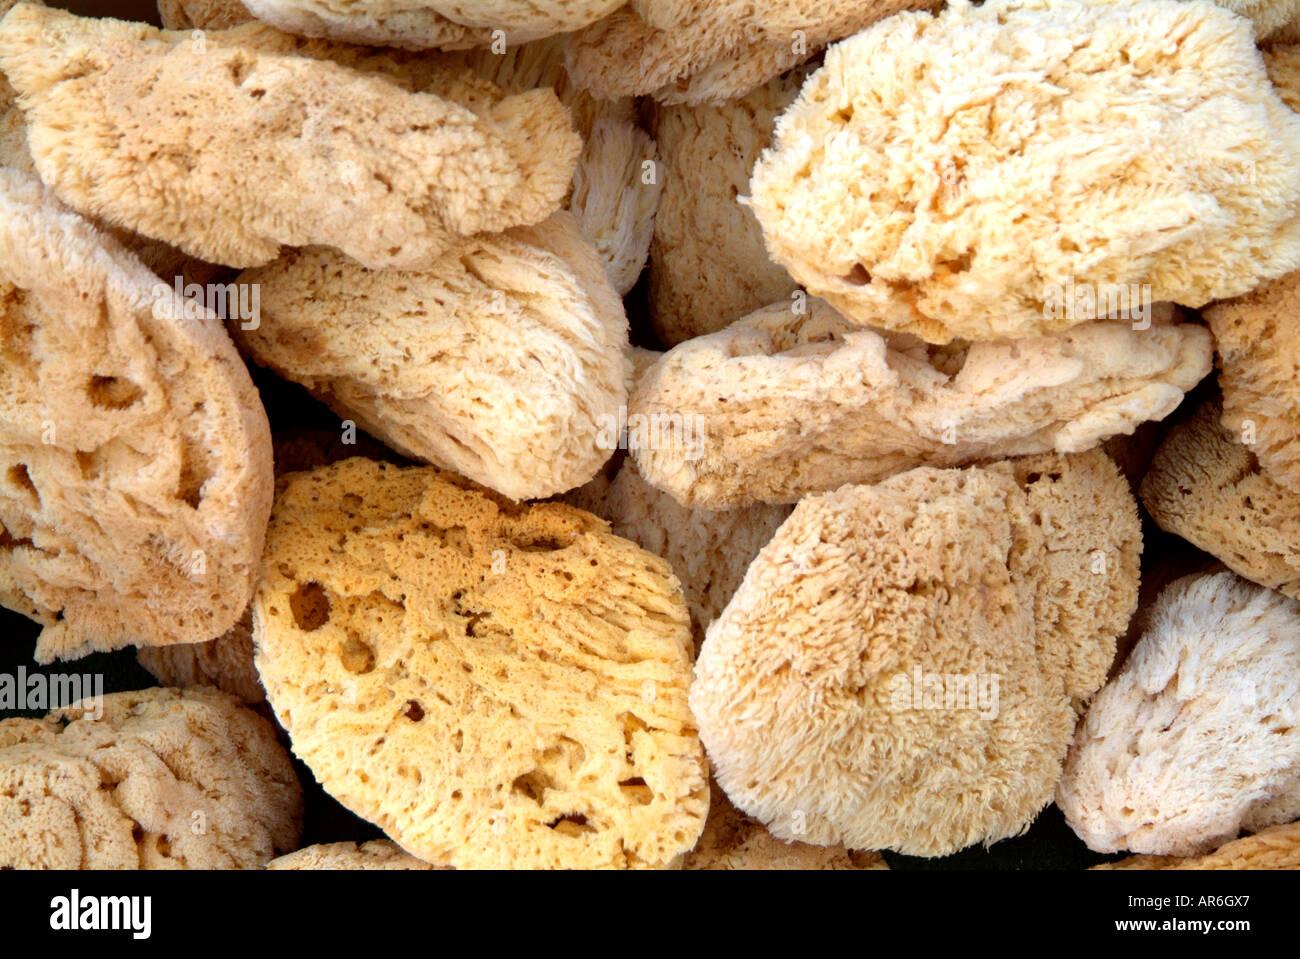 Éponge naturelle sel marin l'eau plongée recueillir marché hebdomadaire semaine bazar boutique commerce de détail du marché vendre exfolier décoratif Banque D'Images